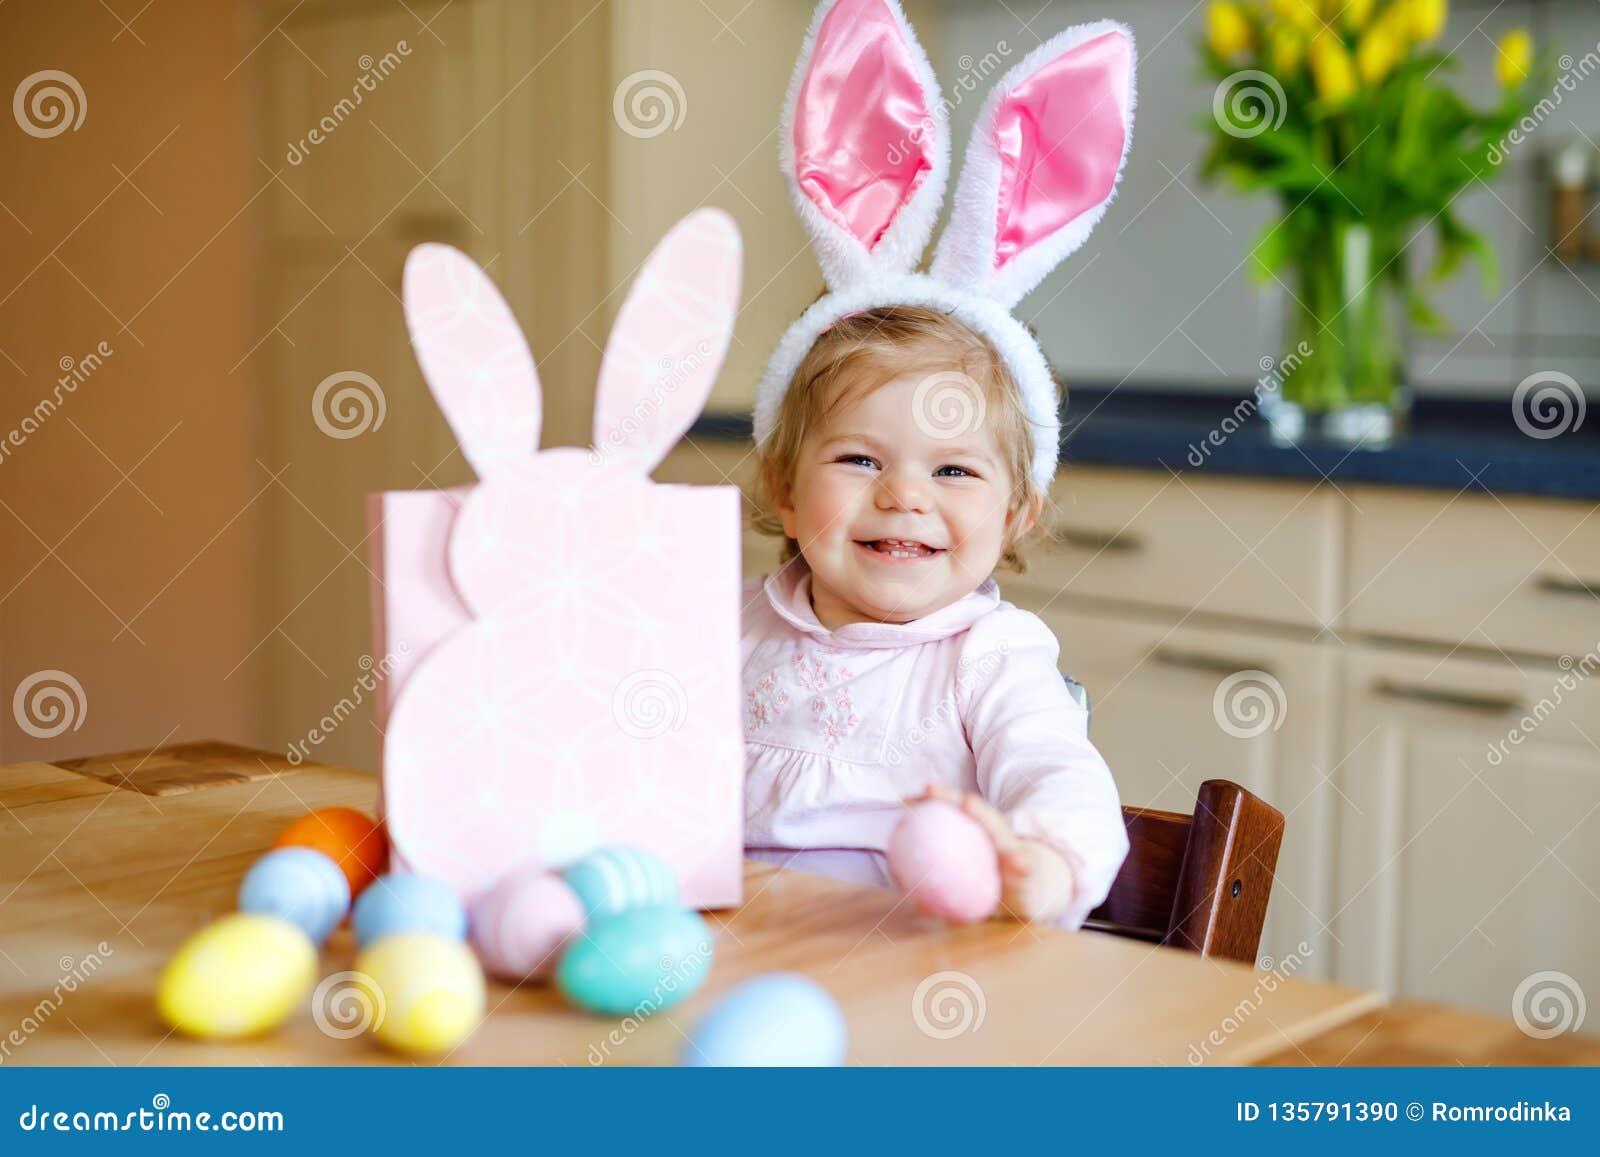 Öron för kanin för påsk för gullig liten litet barnflicka som bärande spelar med kulöra pastellfärgade ägg Lyckligt behandla som